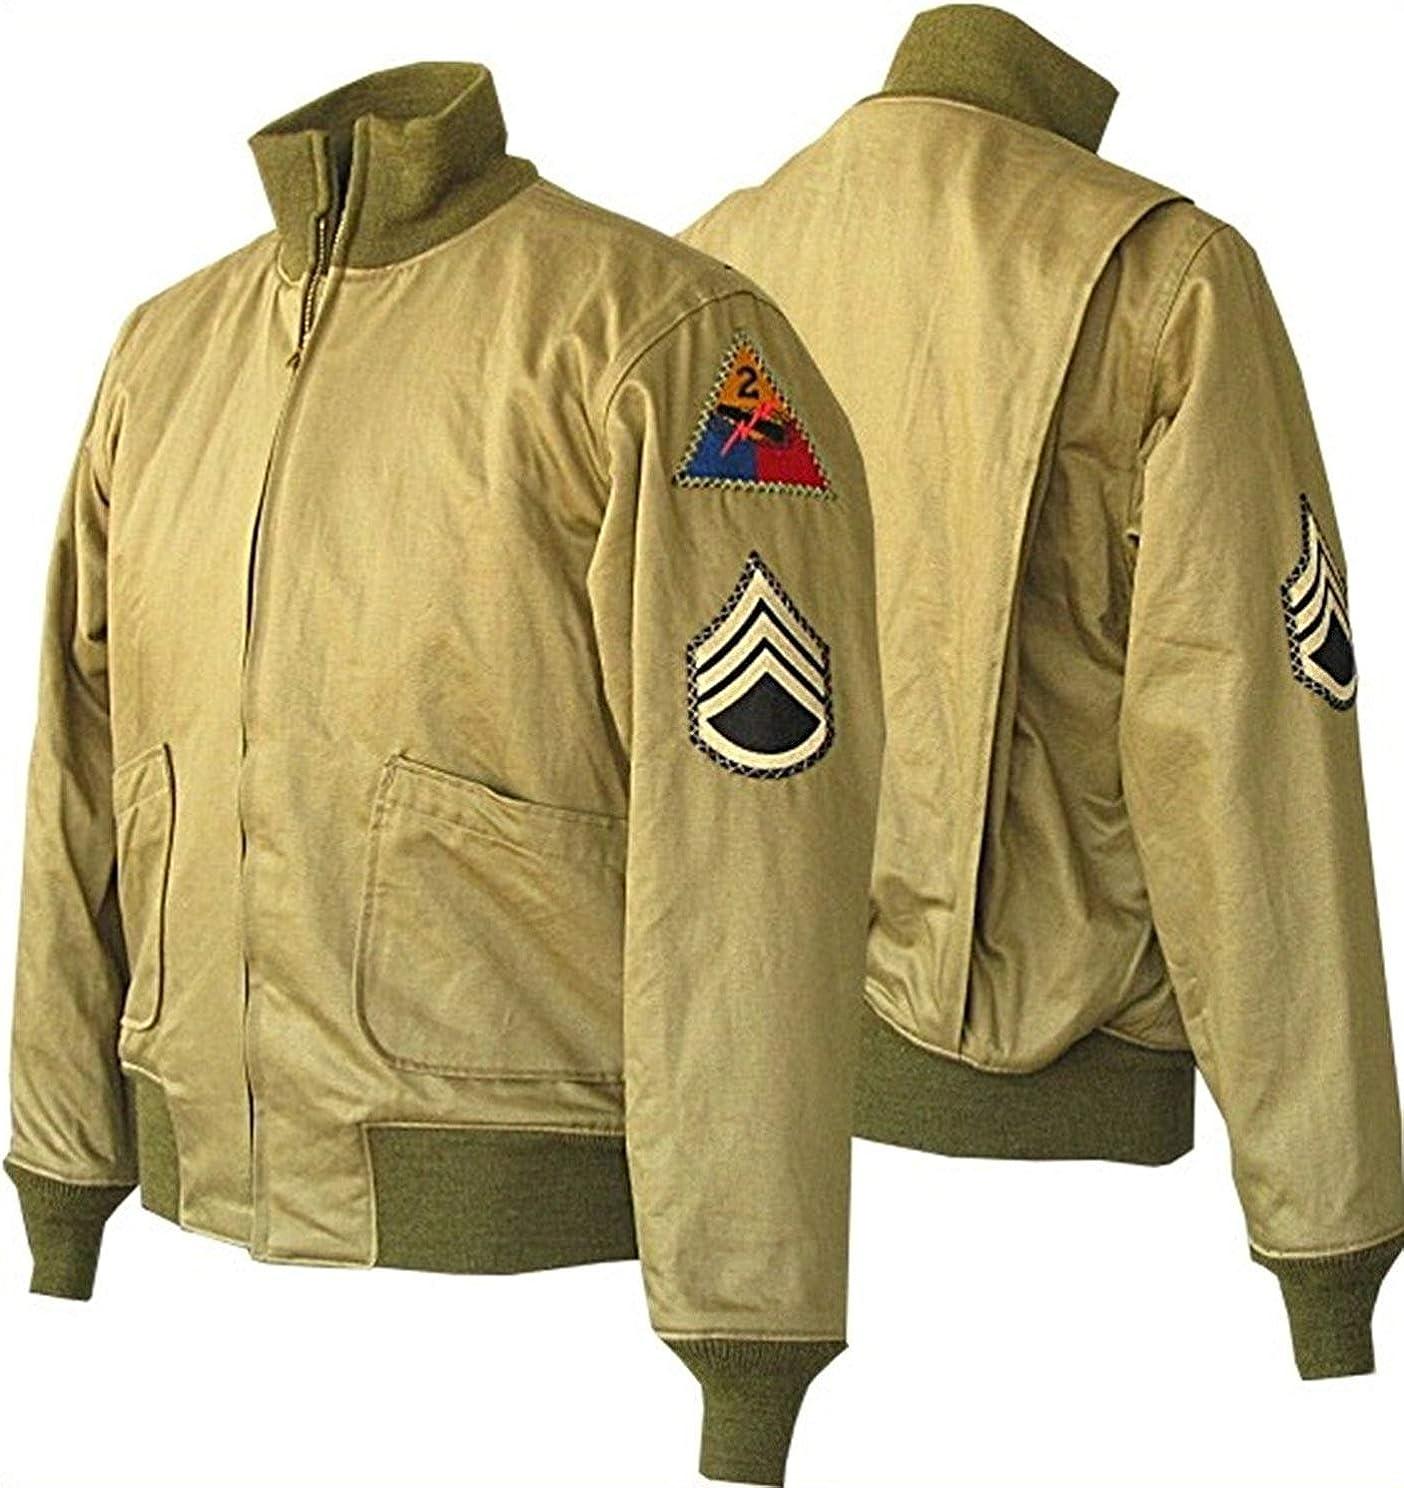 Fury Brad Pitt WW2 Military Jacket - US Army WW2 Tanker Cotton Mens Jacket